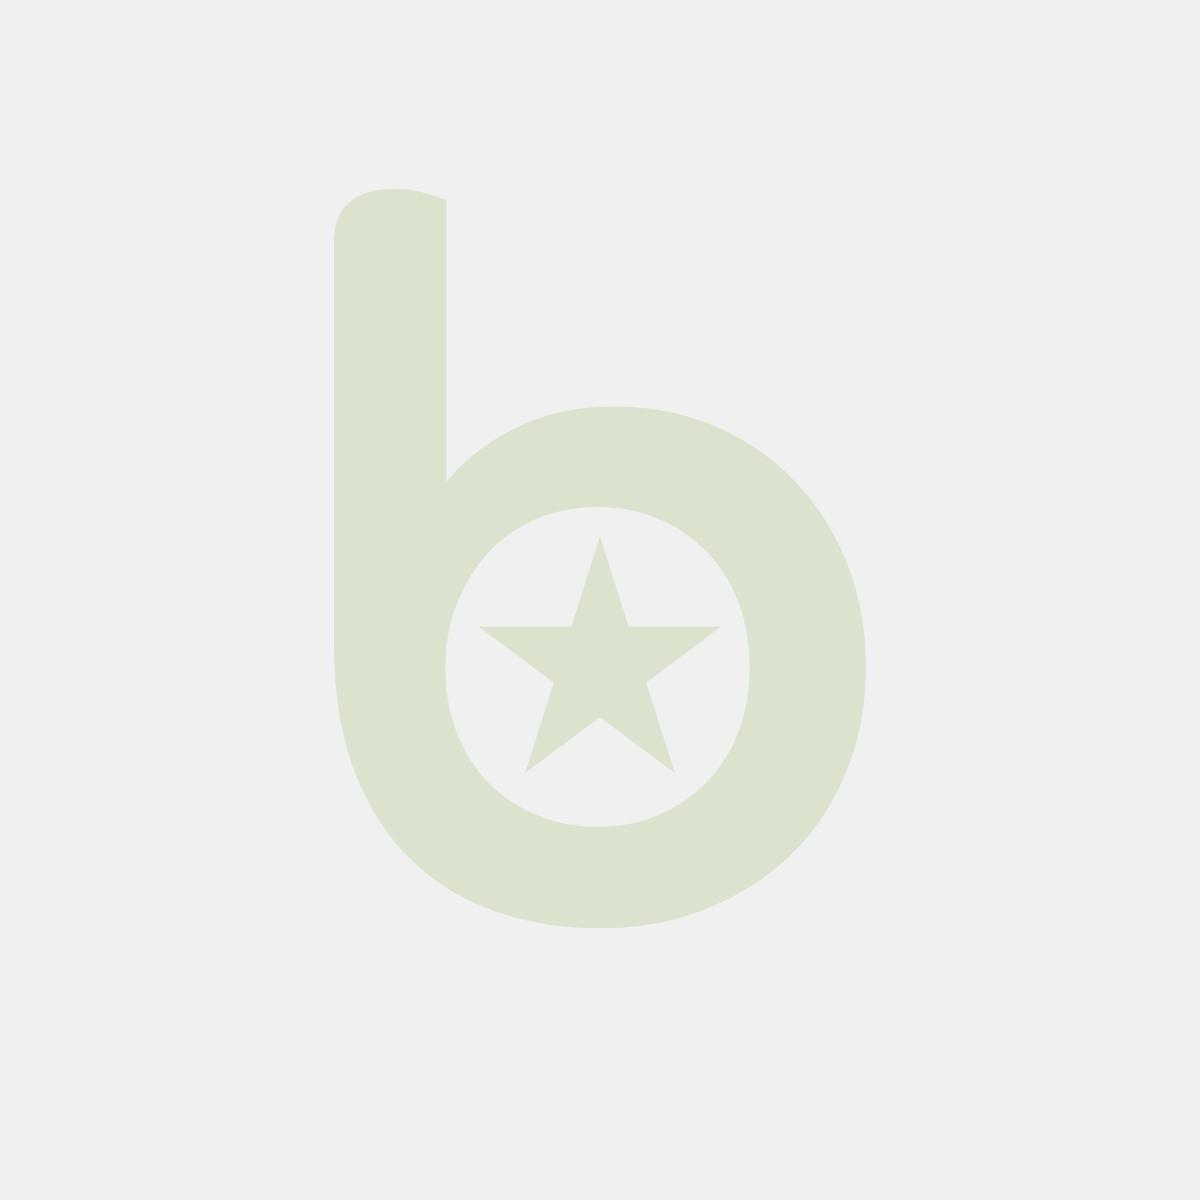 Pokrywka Do Gn Kitchen Line - Z Wycięciem Na Chochlę Gn 1/1